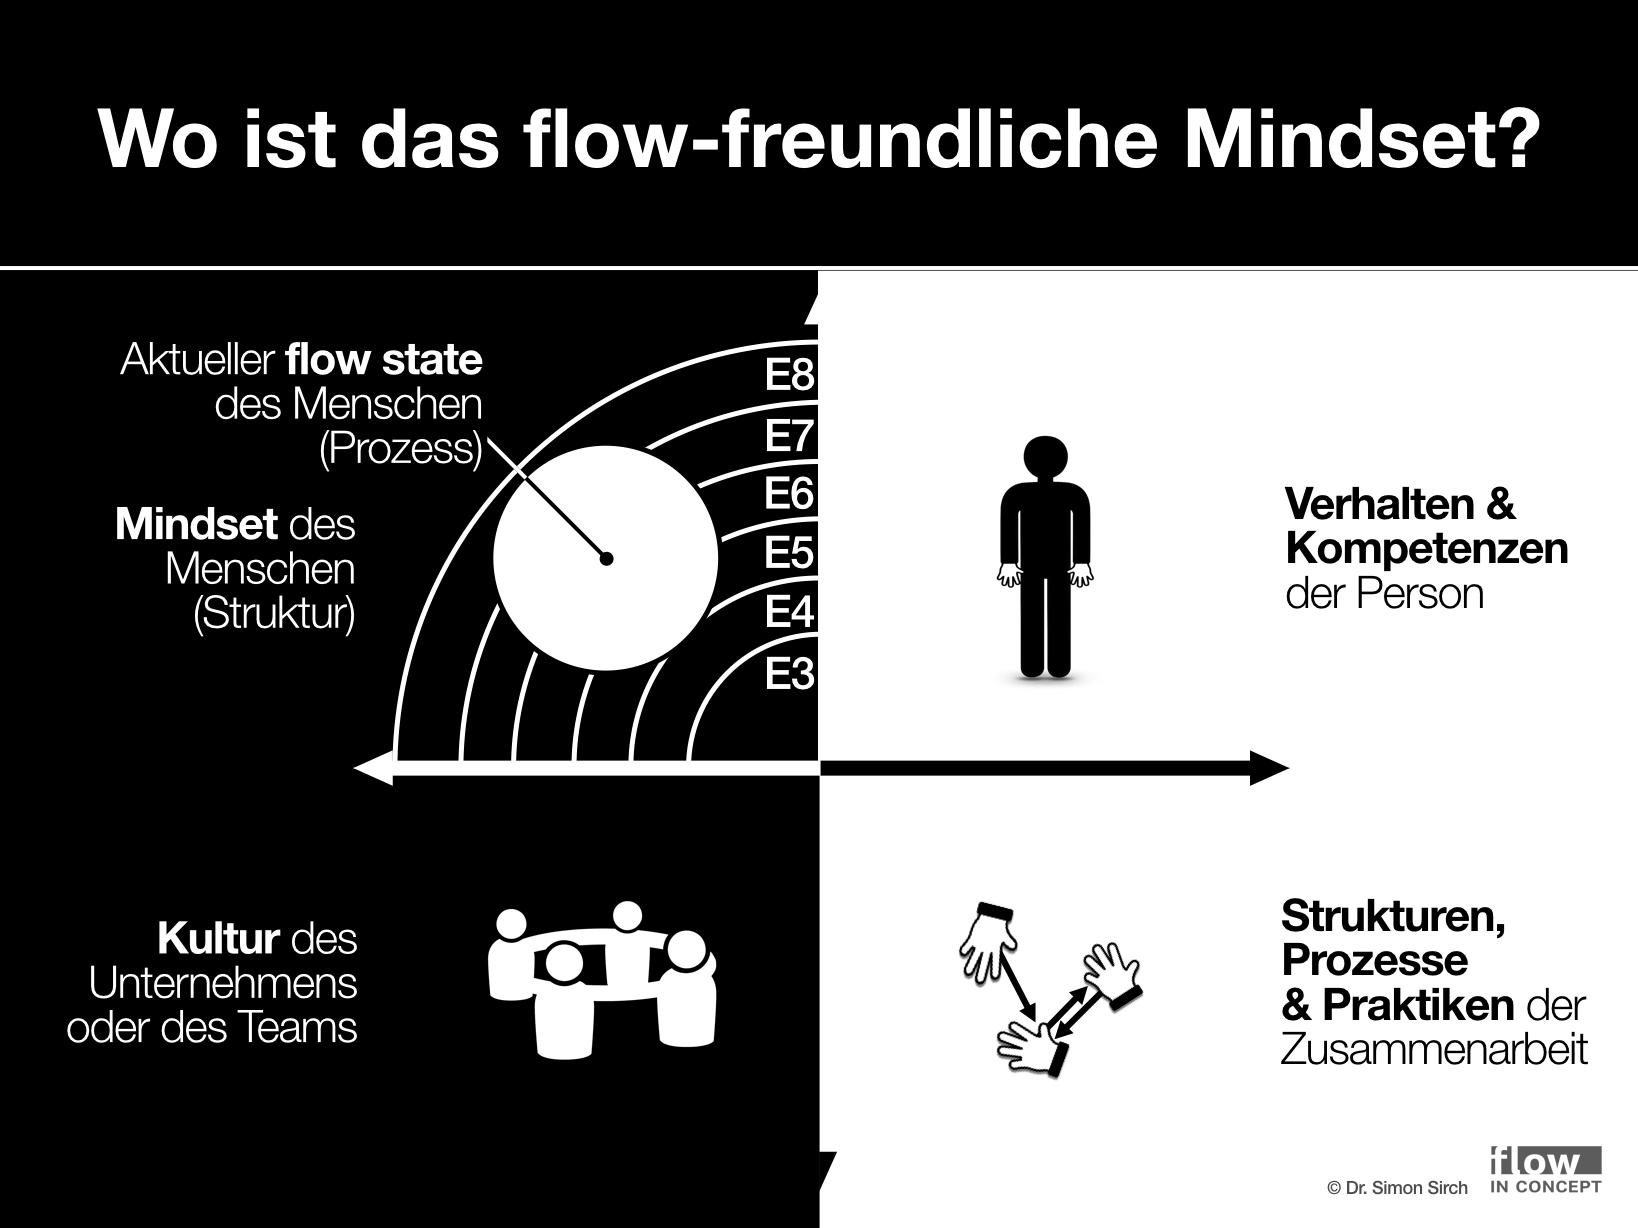 Abbildung 2: Das flow-freundliche Mindset bildet das Gerüst für flow und andere positive Erlebnisse in der Psyche des Individuums (Grafik zum Vergrößern klicken)